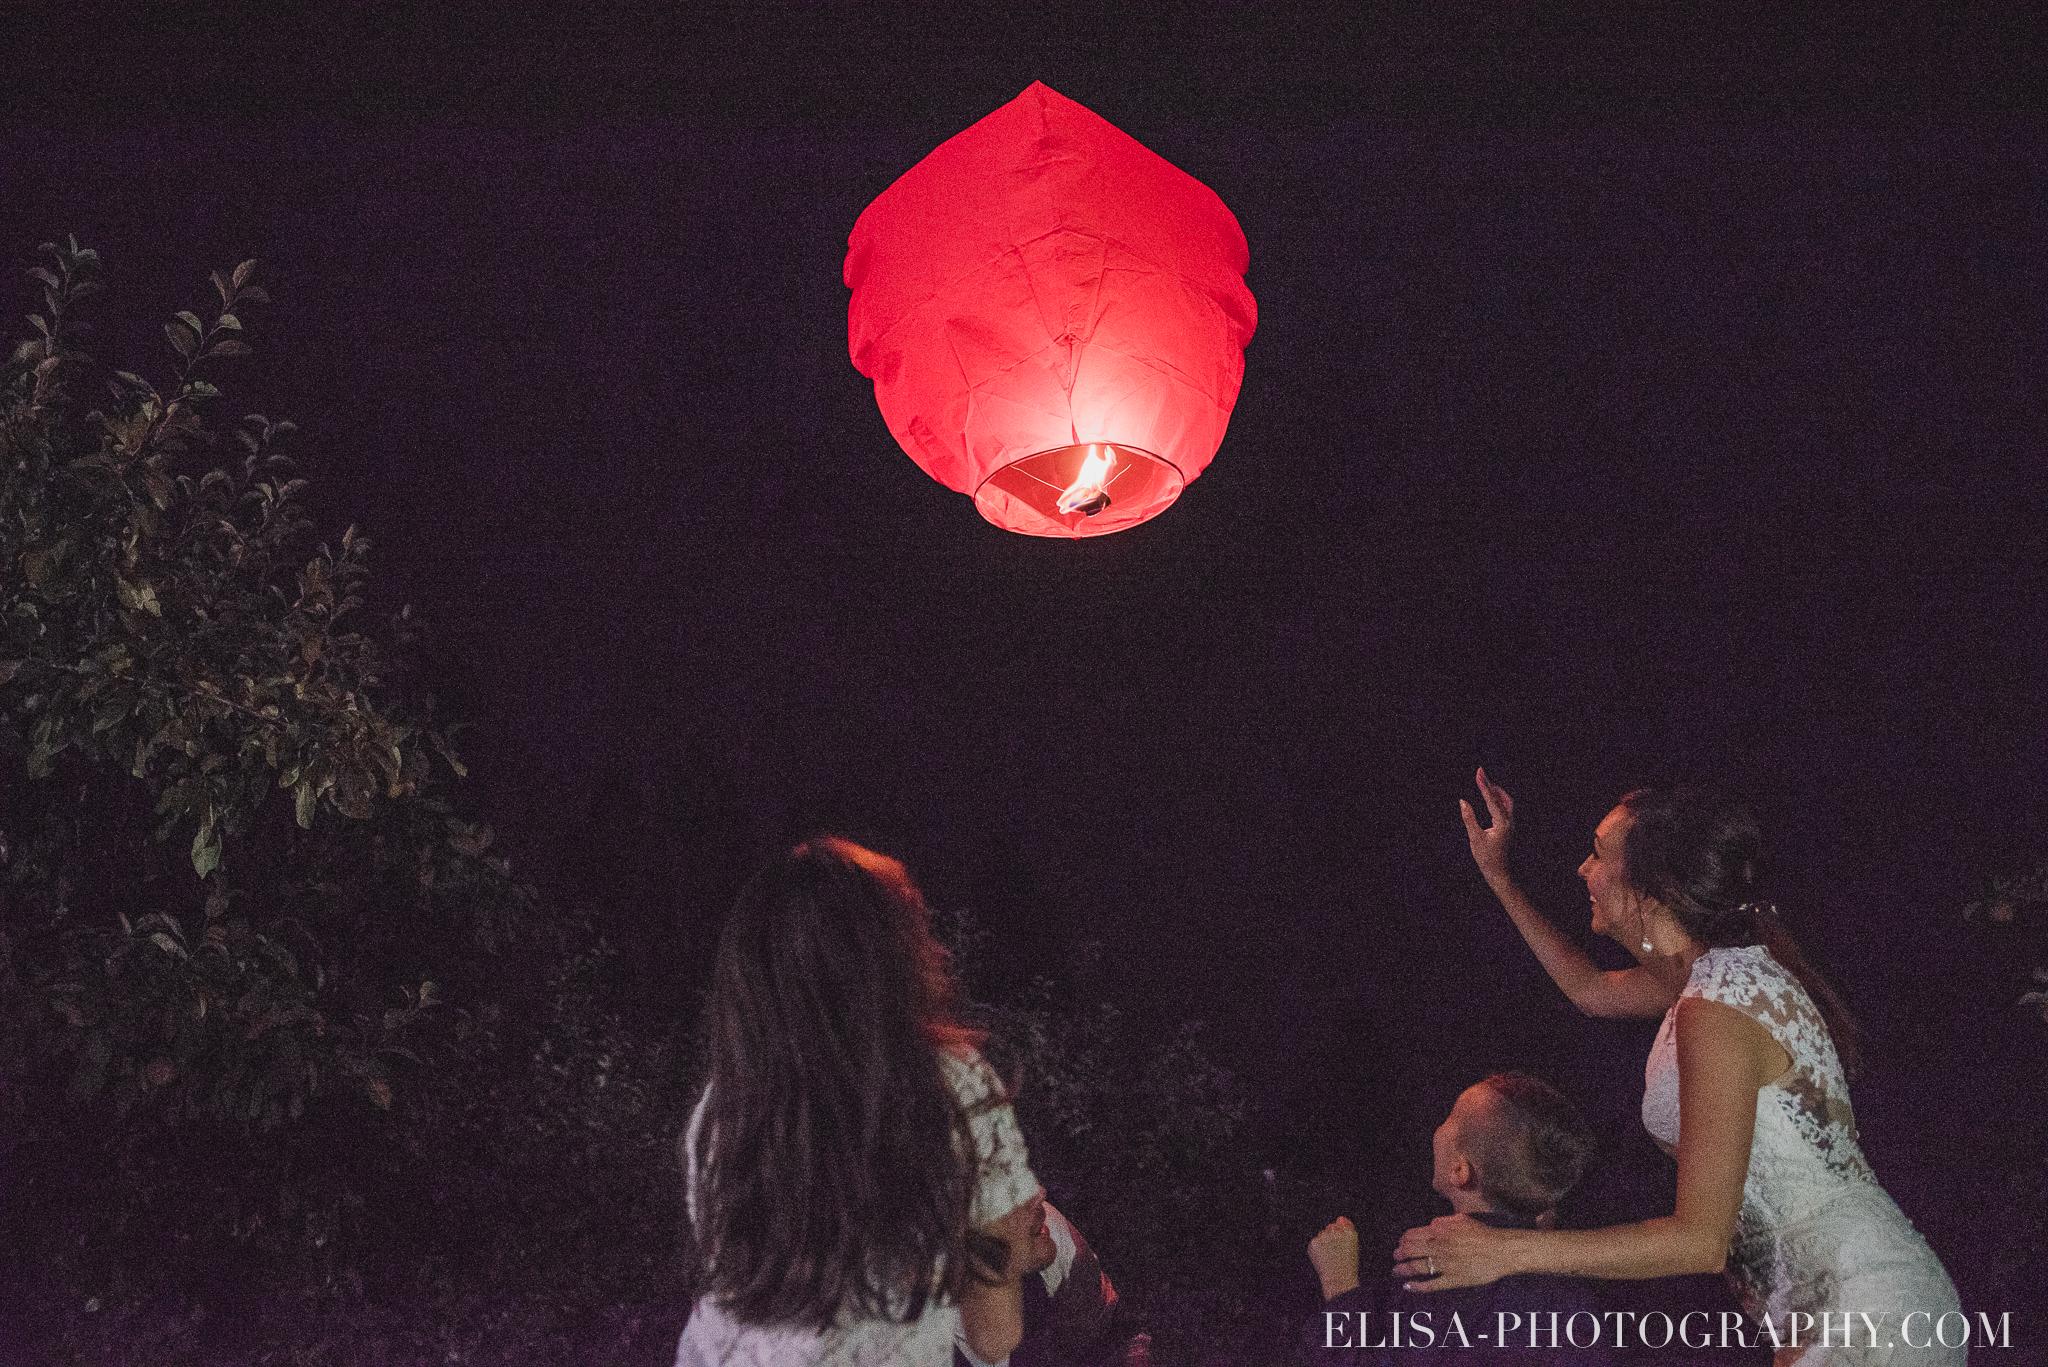 photo mariage ferme genest reception verger pommier quebec lanterne thailandaise 2901 - Smoke bomb et mariage dans les vergers de la Ferme Genest à Saint-Nicolas